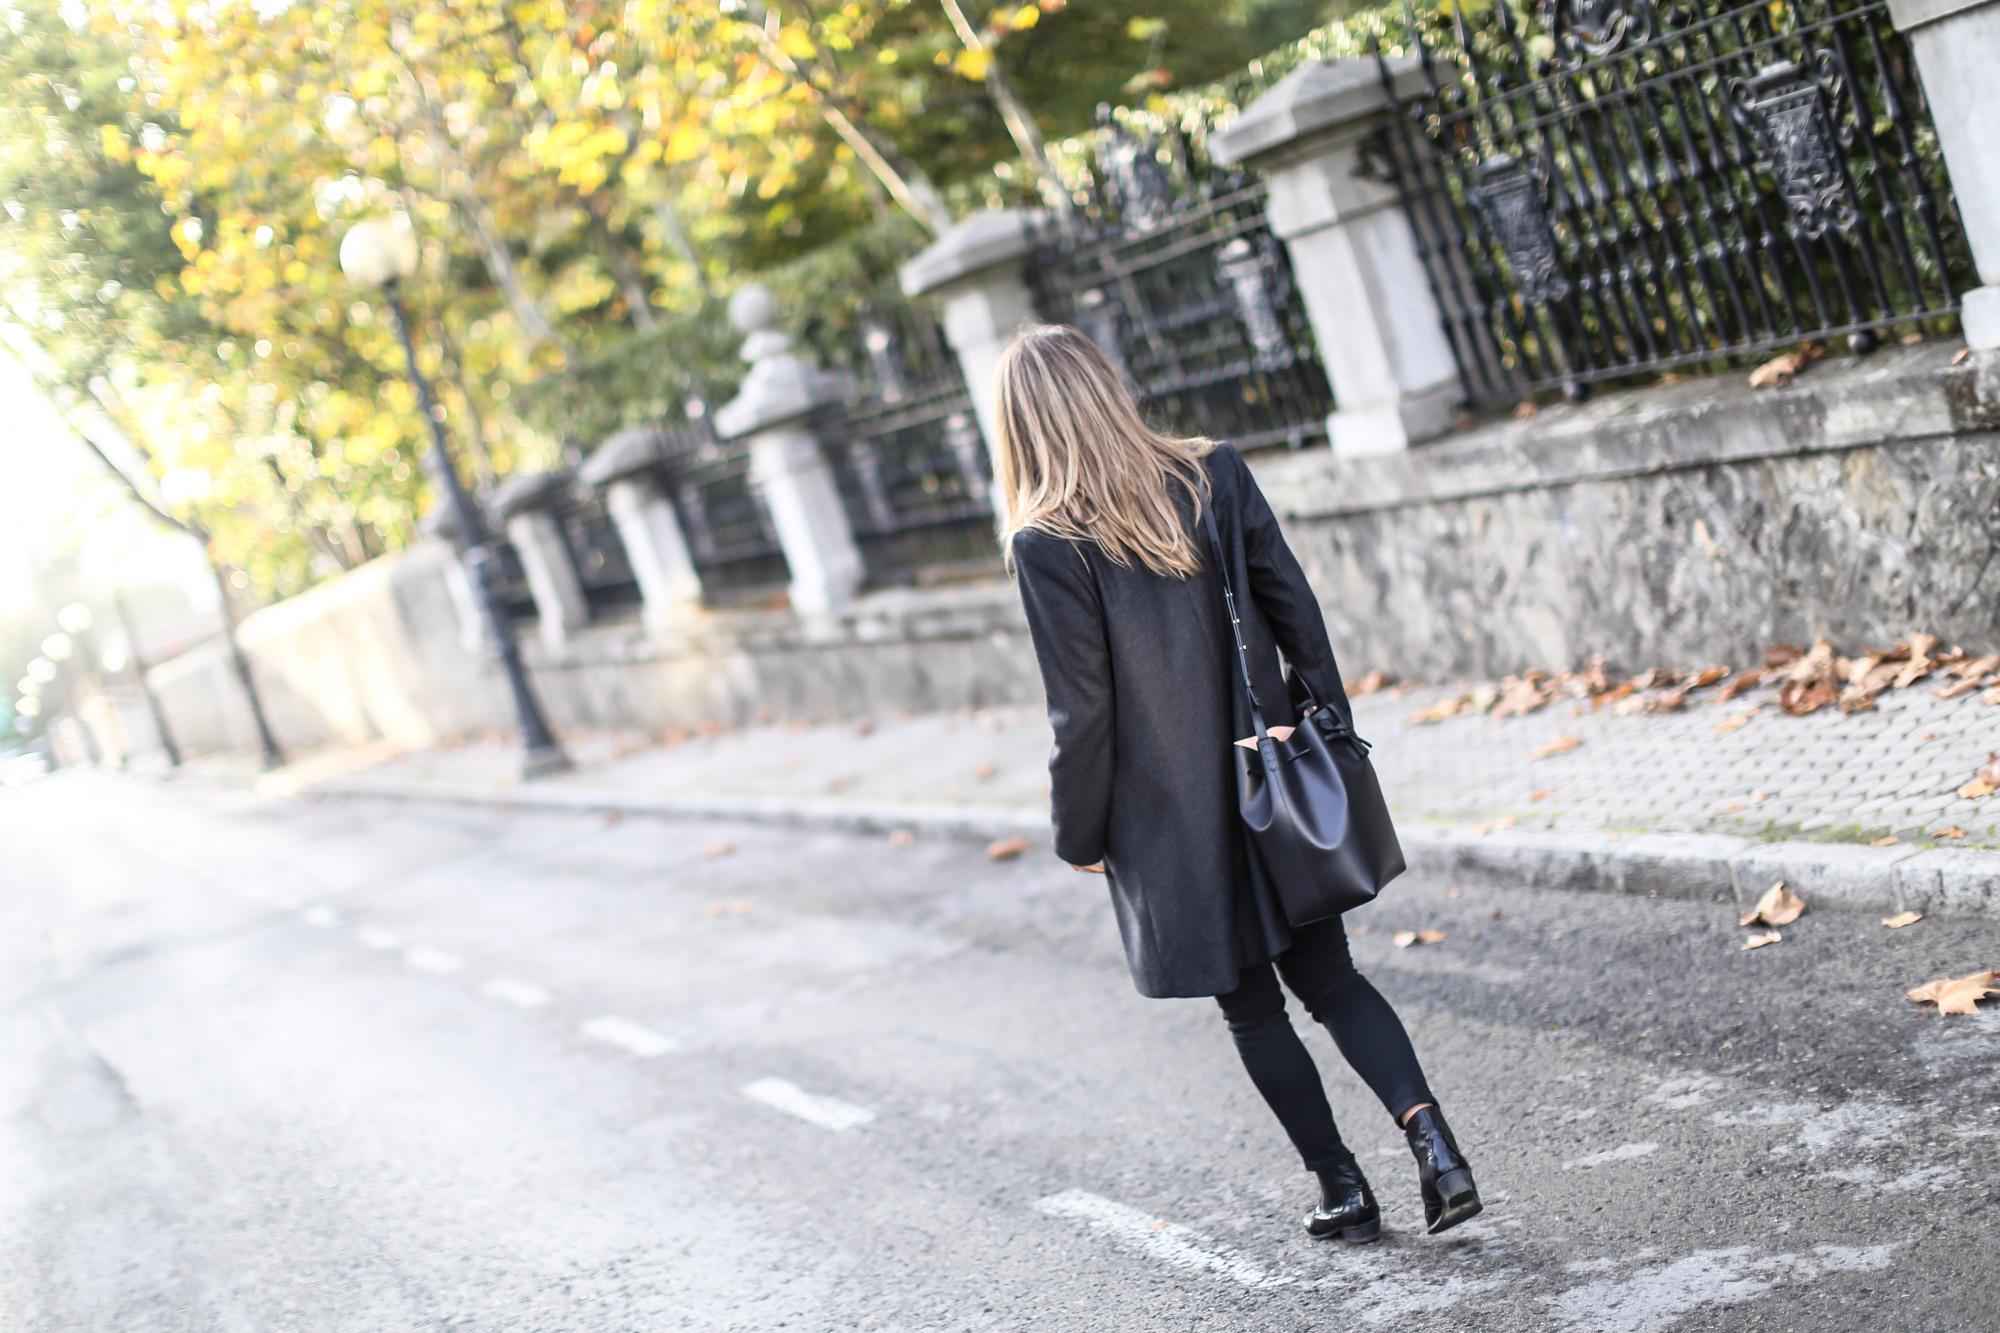 Clochet_streetstyle_eseoese_wool_grey_tailored-coat_mansur_gavriel_bucket_bag-3